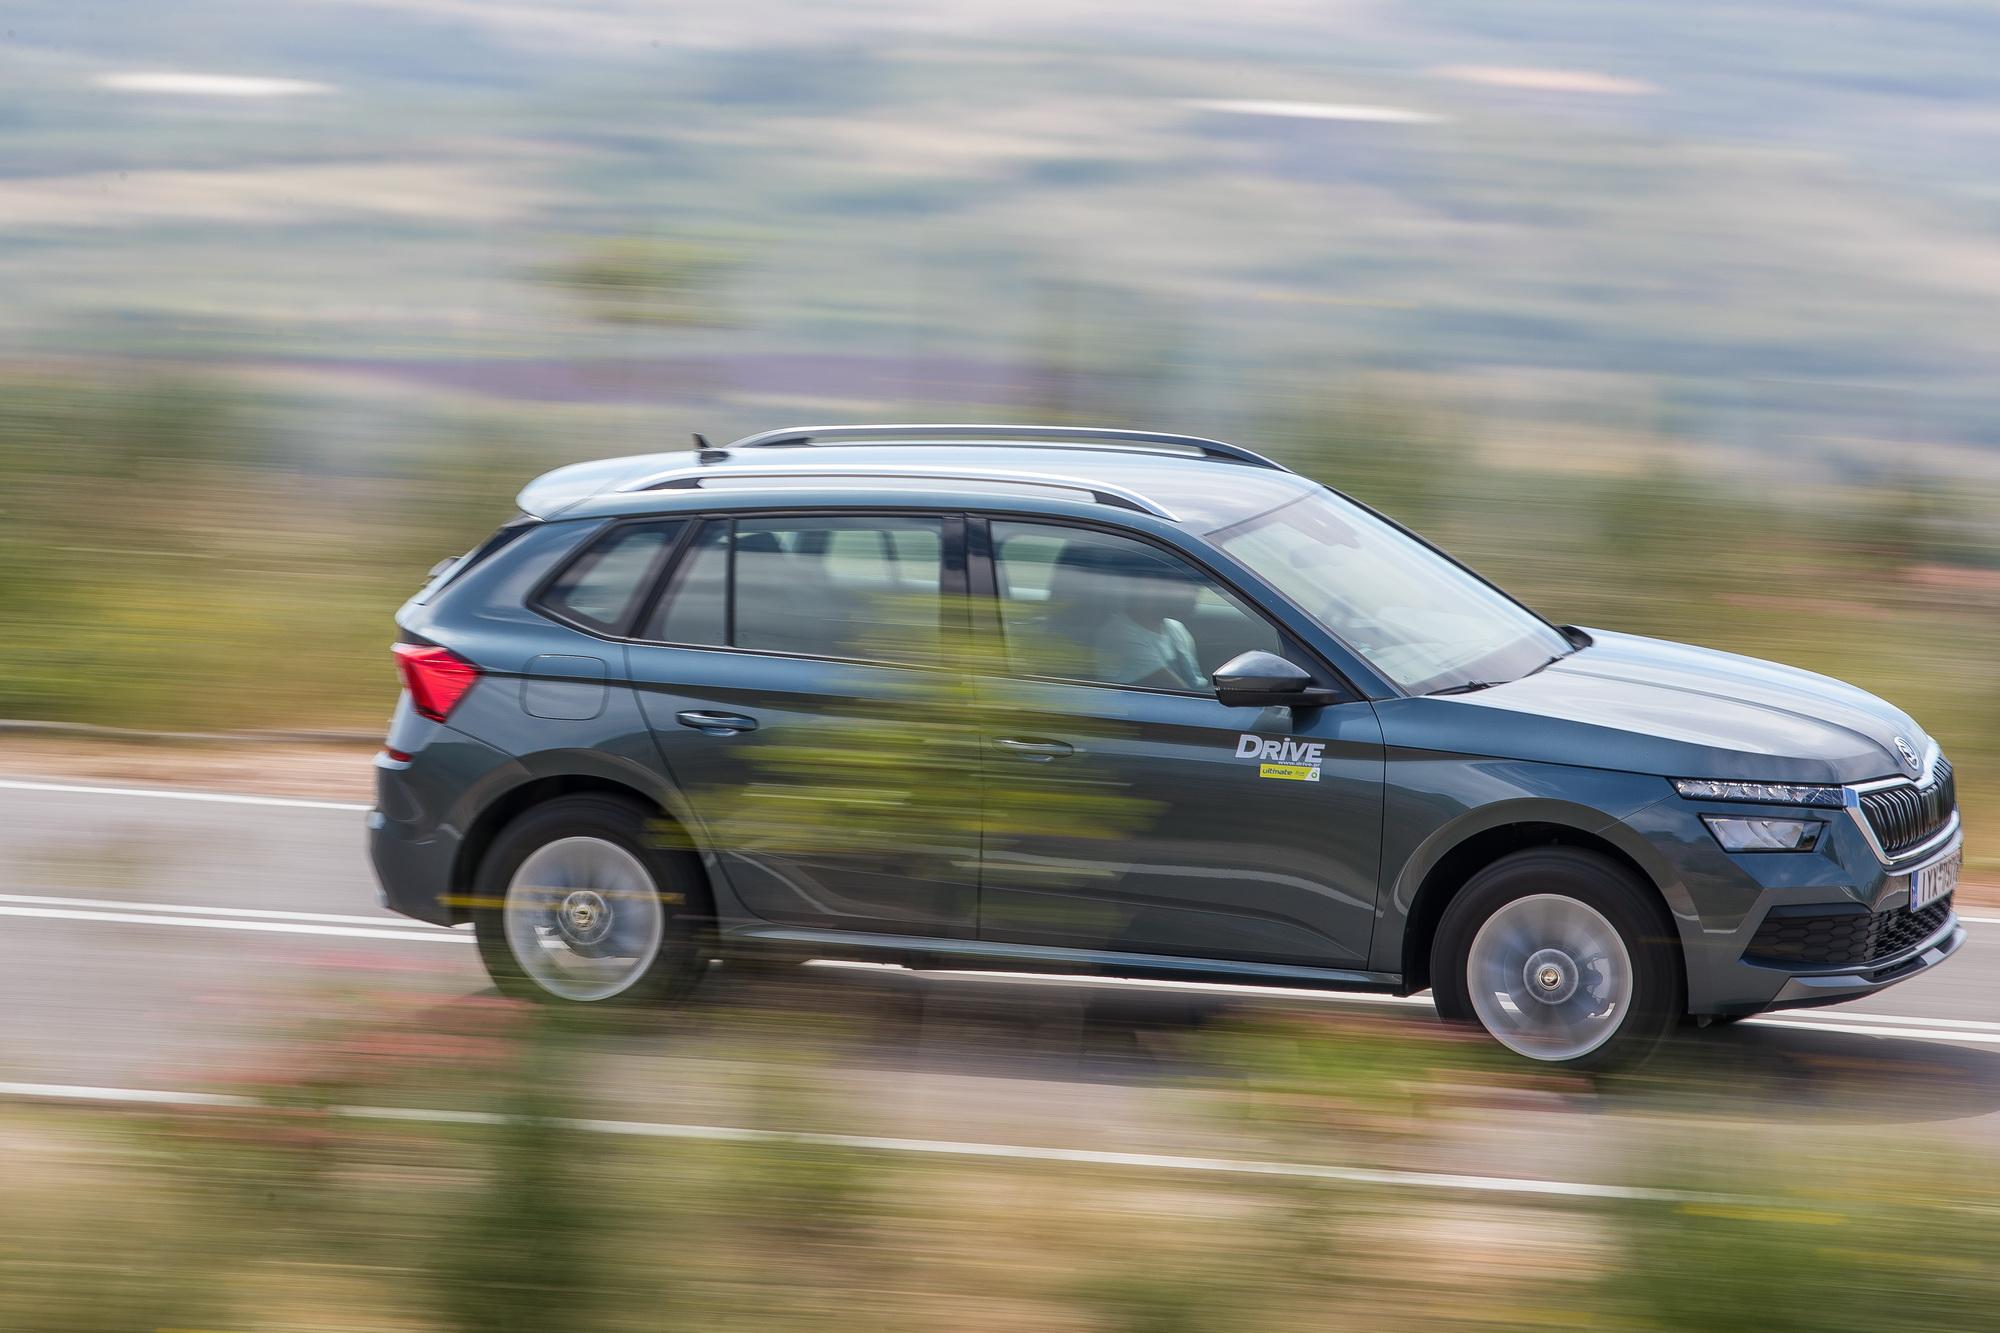 Δοκιμάζουμε το Skoda Kamiq 1.0 G-TEC, το SUV που προσφέρει την πιο οικονομική μετακίνηση! [pics]